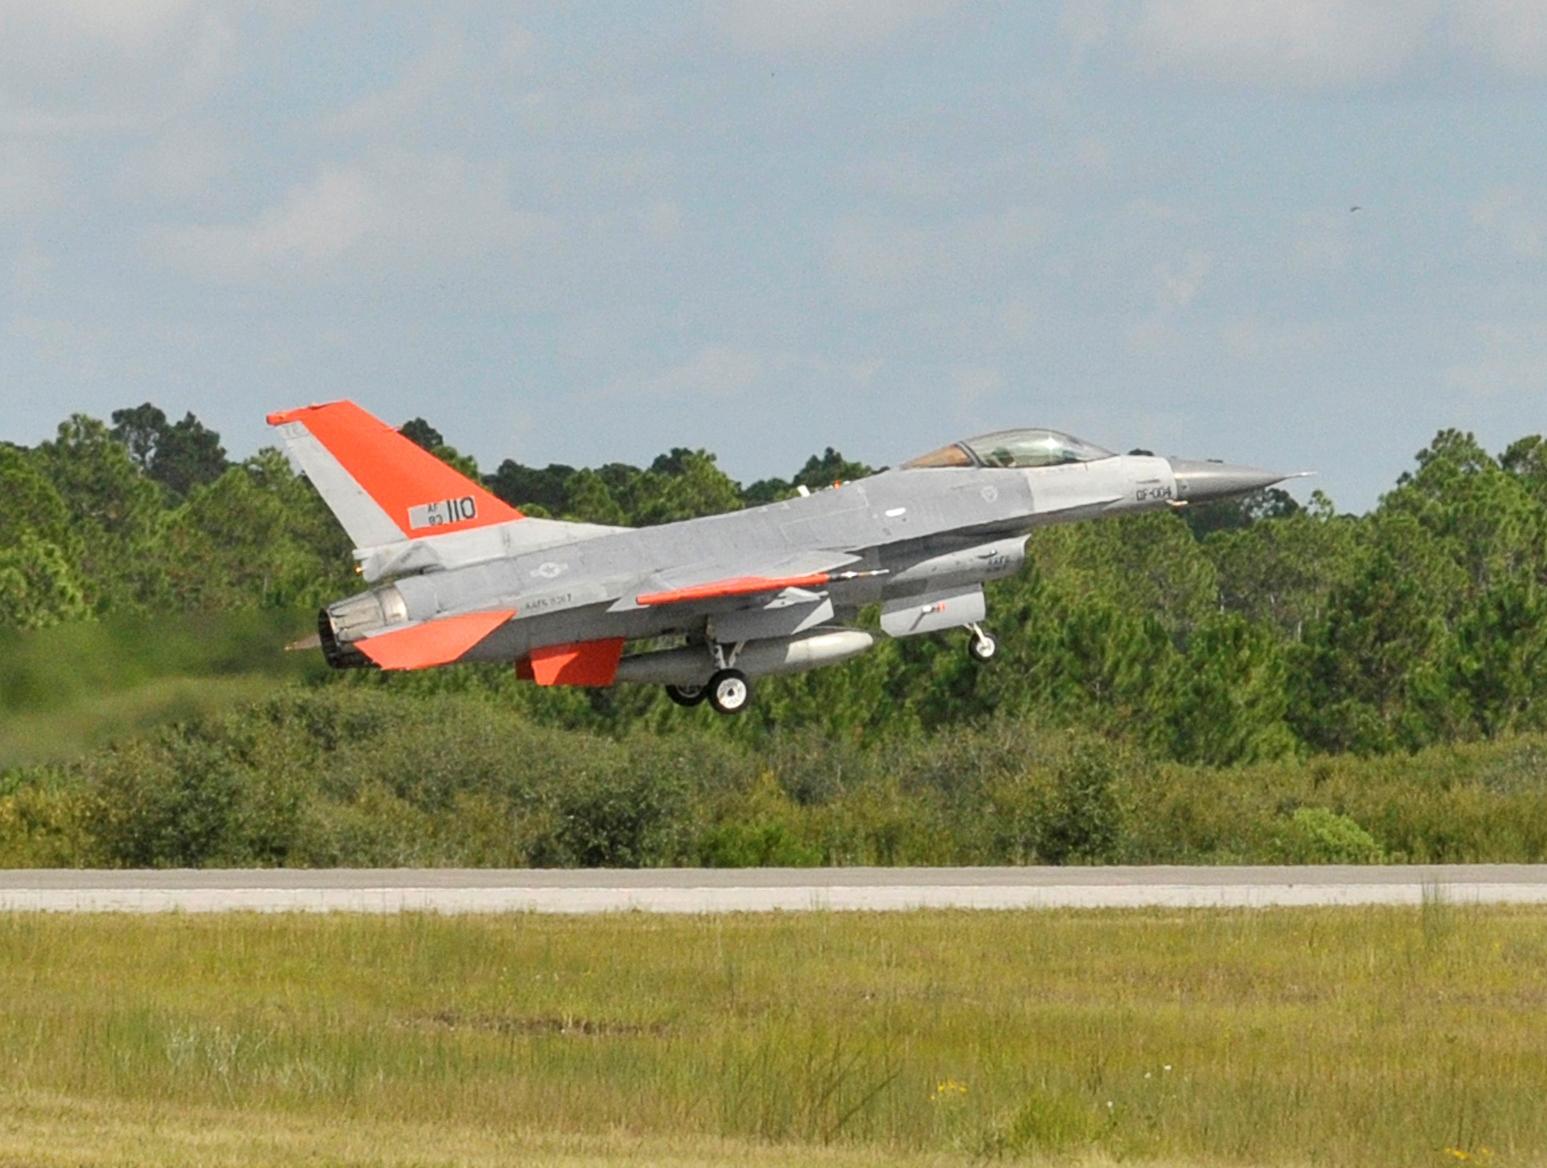 QF-16 - безпілотна версія літака F-16. Фото: USAFопис фото